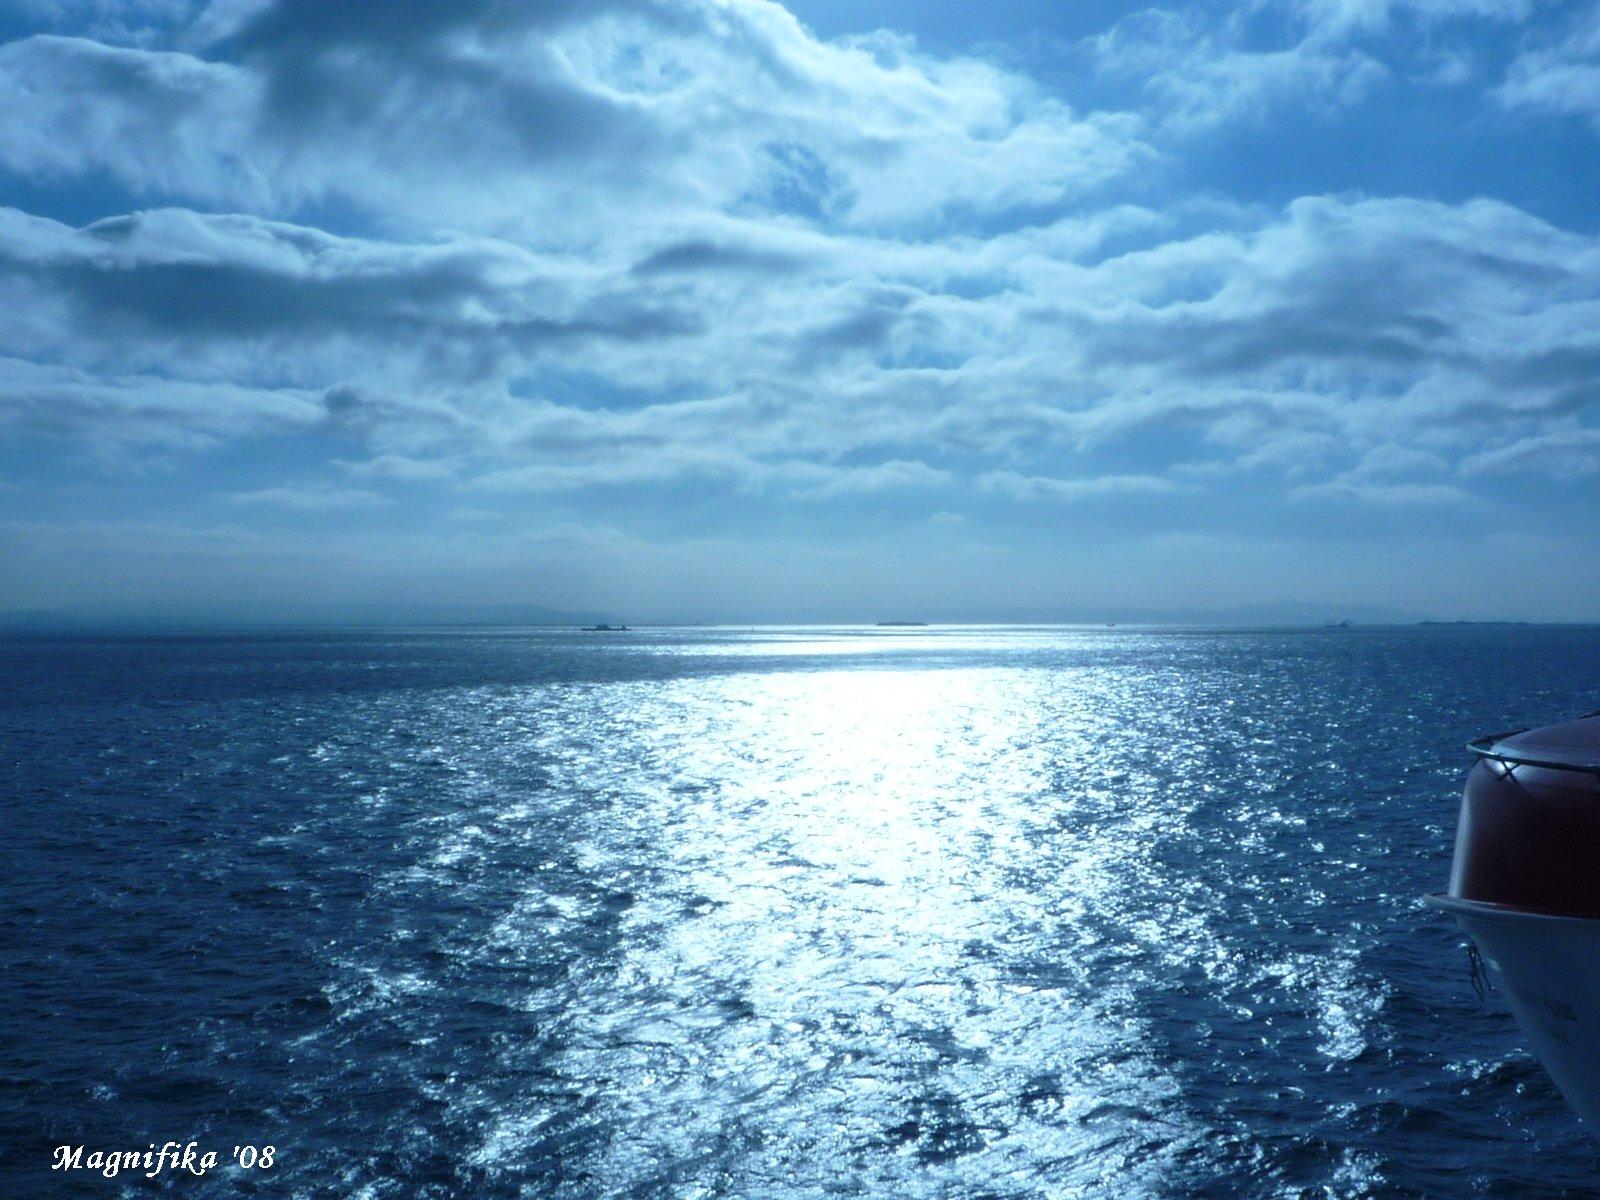 ぱしふぃっく びいなす Pacific Venus cruise report-9 Sky & Sea_e0140365_19411130.jpg